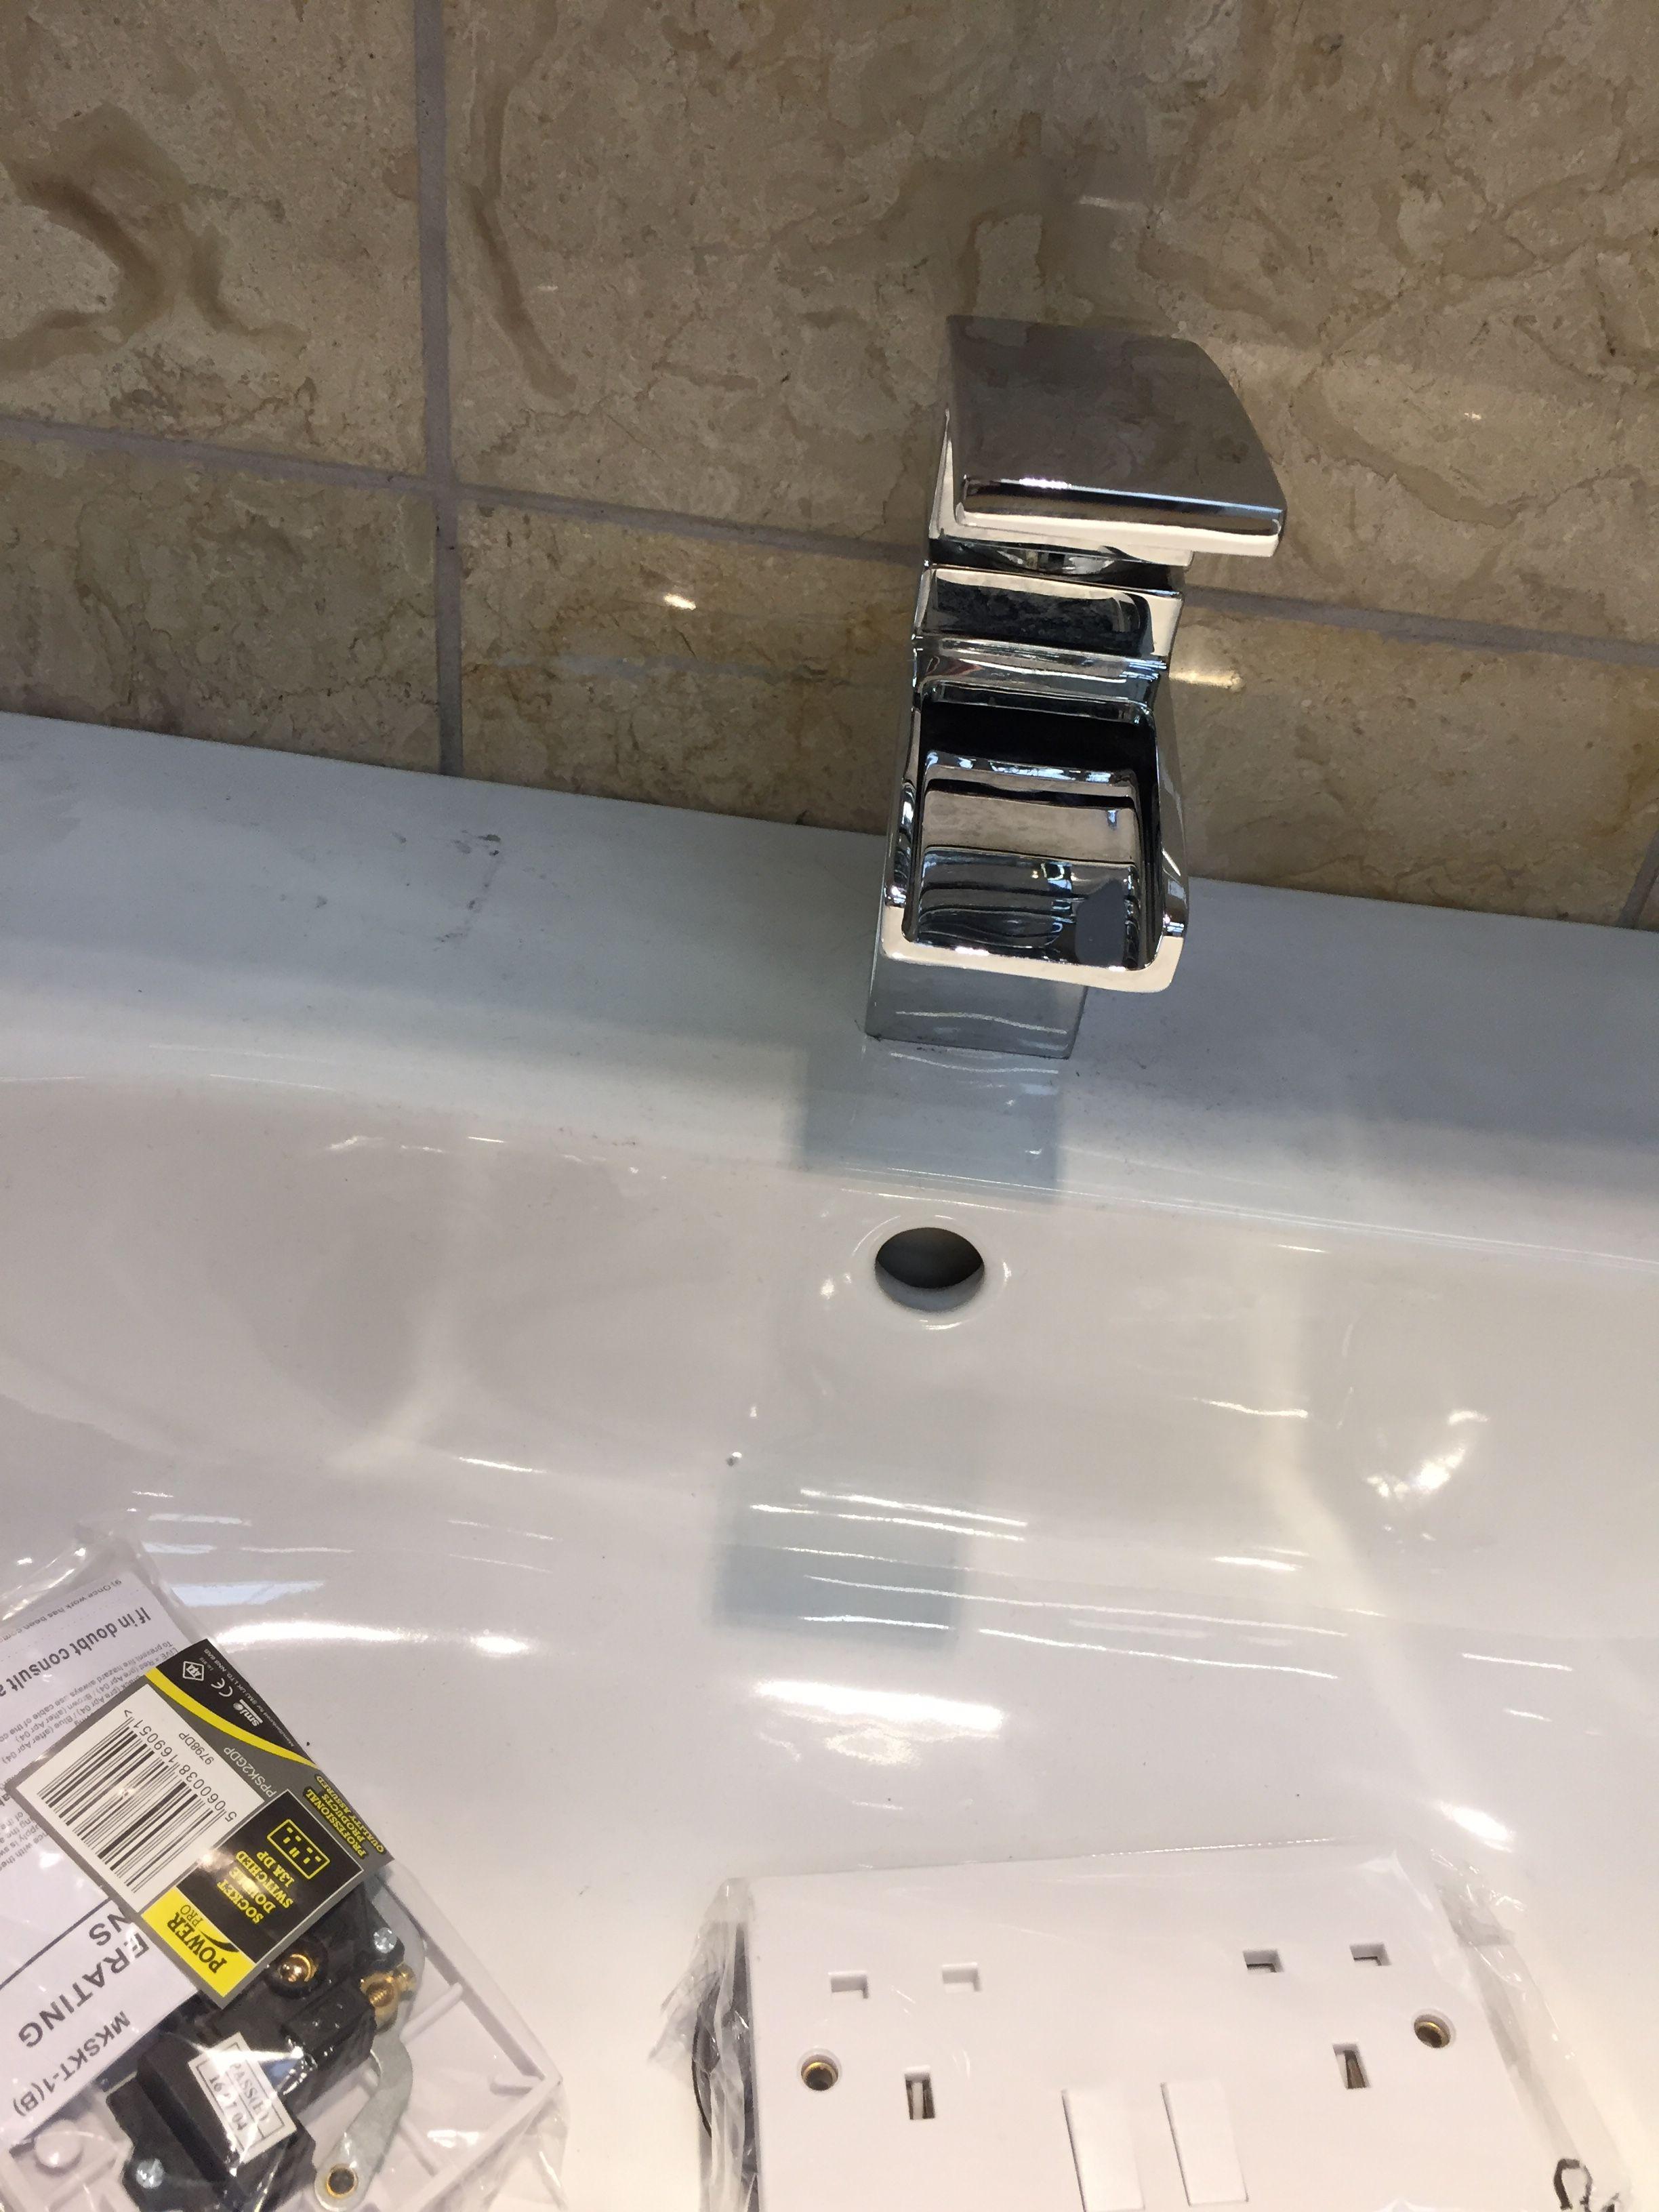 Waterfall tap B&Q | Waterfall taps, B&q, Sink